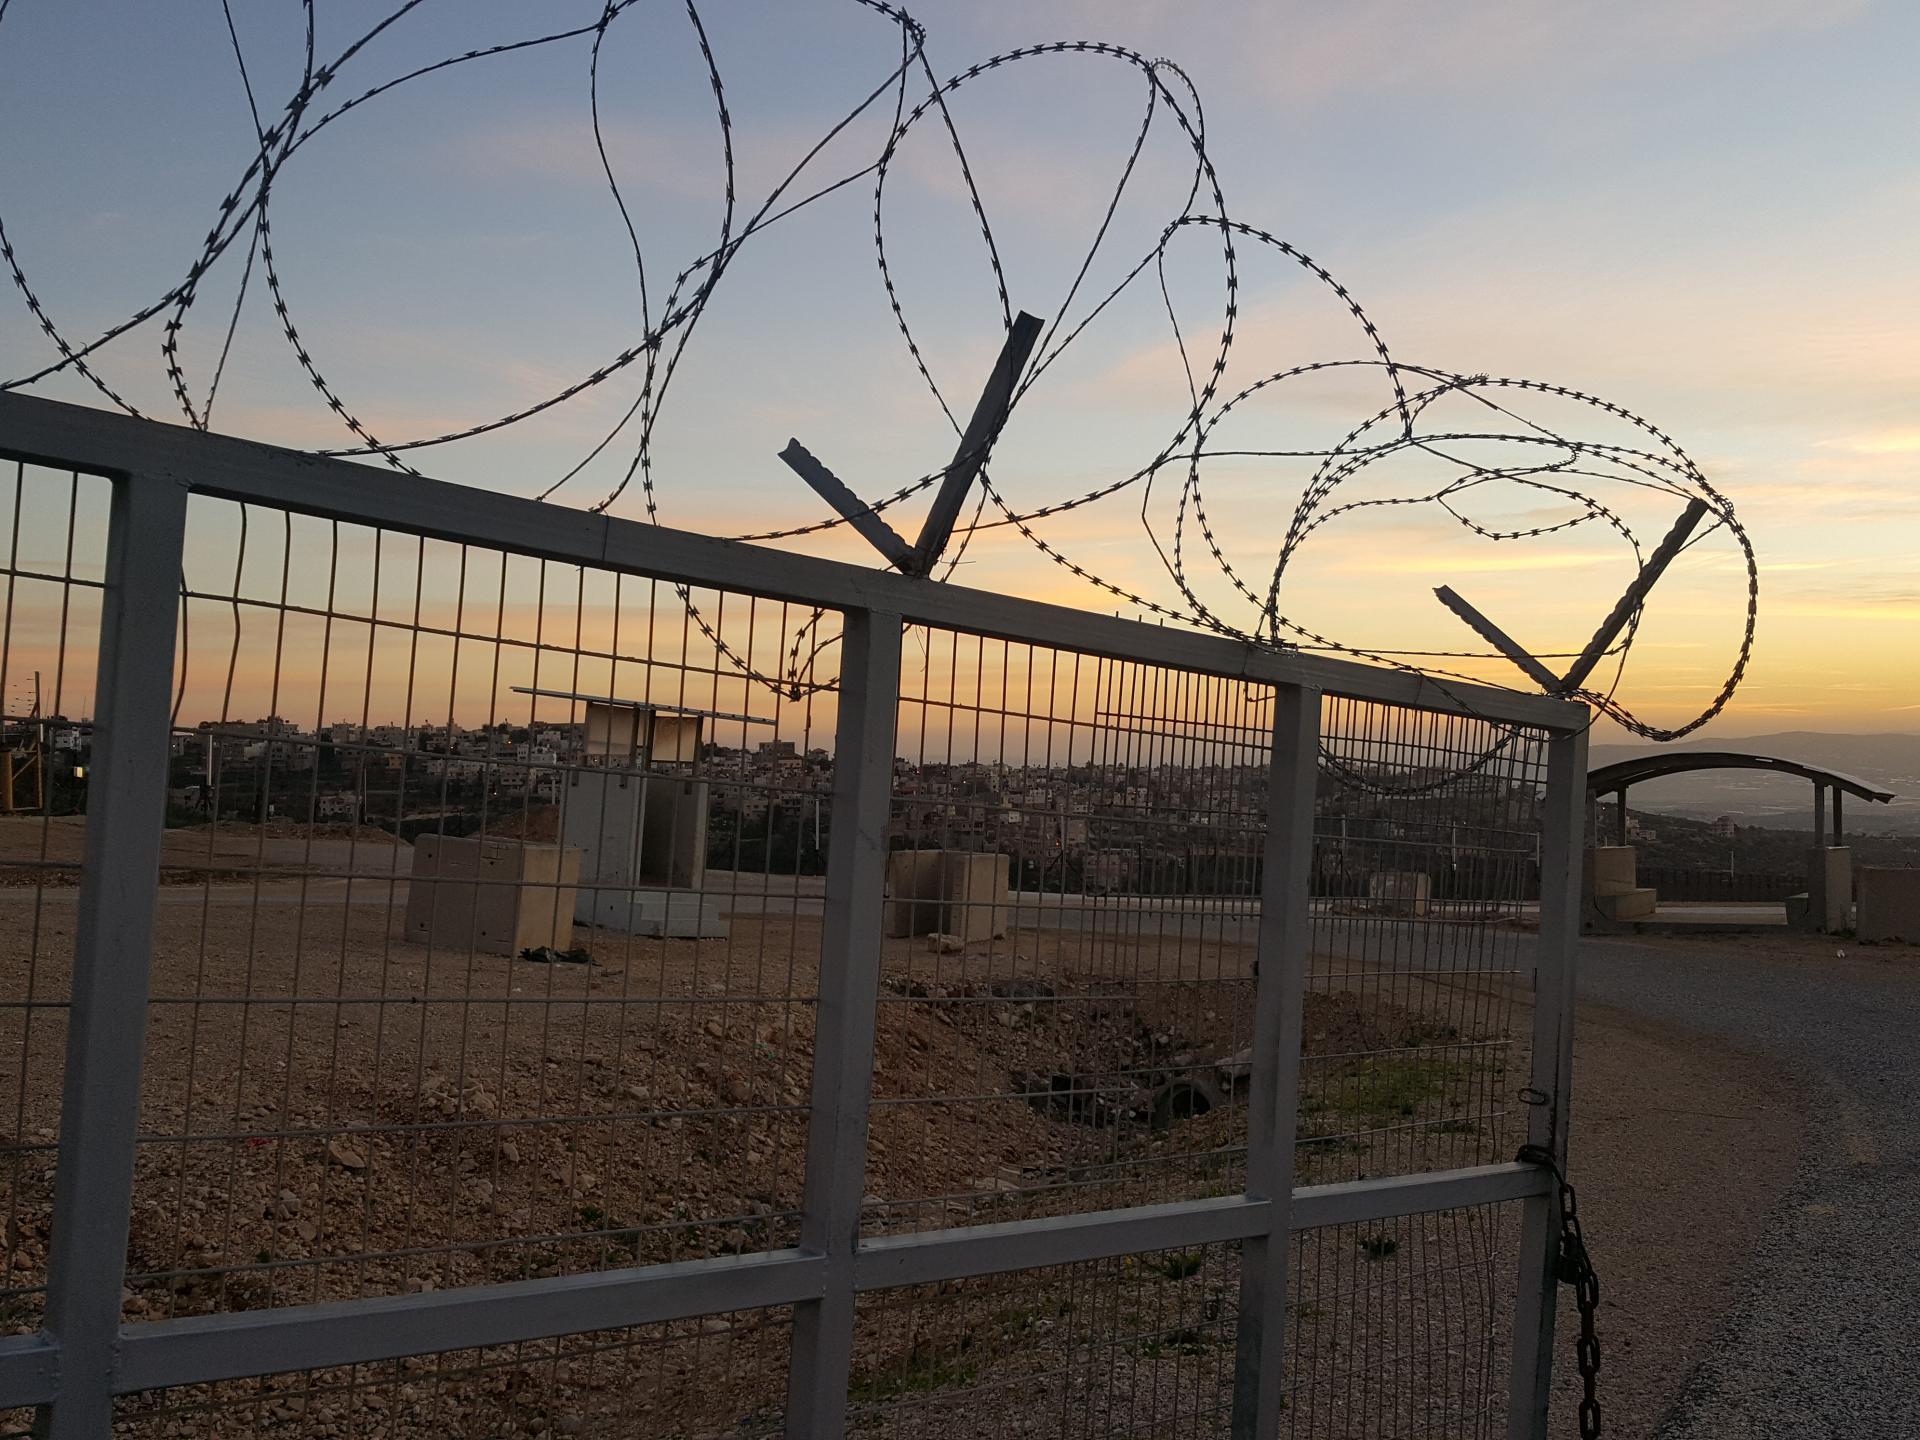 מחסום עאנין: זריחה יפה מעל כיבוש מכוער